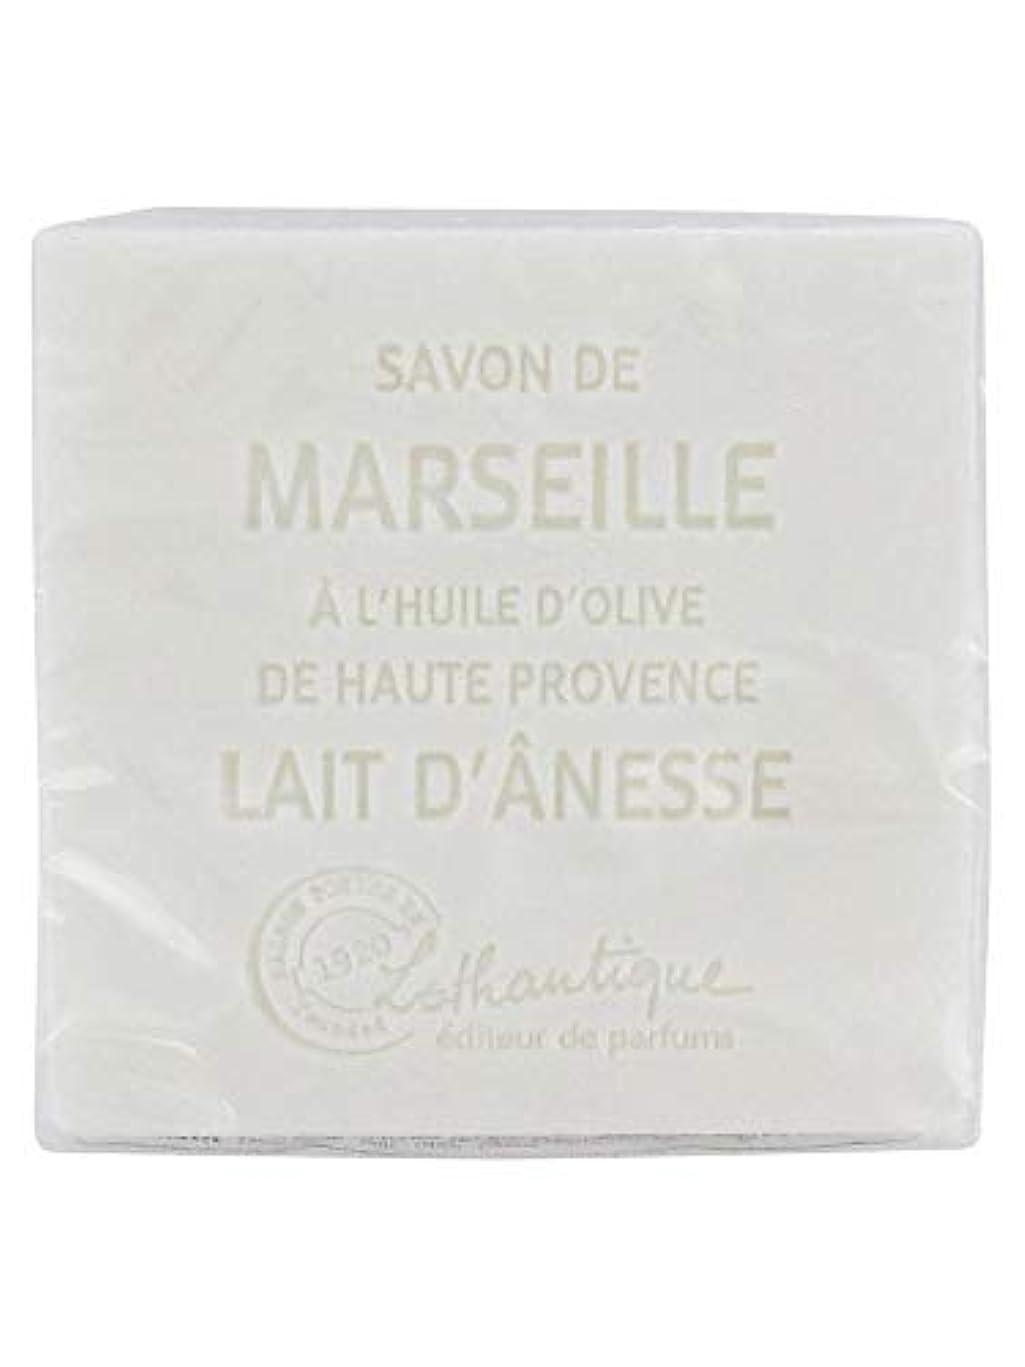 交換フェンスムスタチオLothantique(ロタンティック) Les savons de Marseille(マルセイユソープ) マルセイユソープ 100g 「ミルク(ロバミルク)」 3420070038043